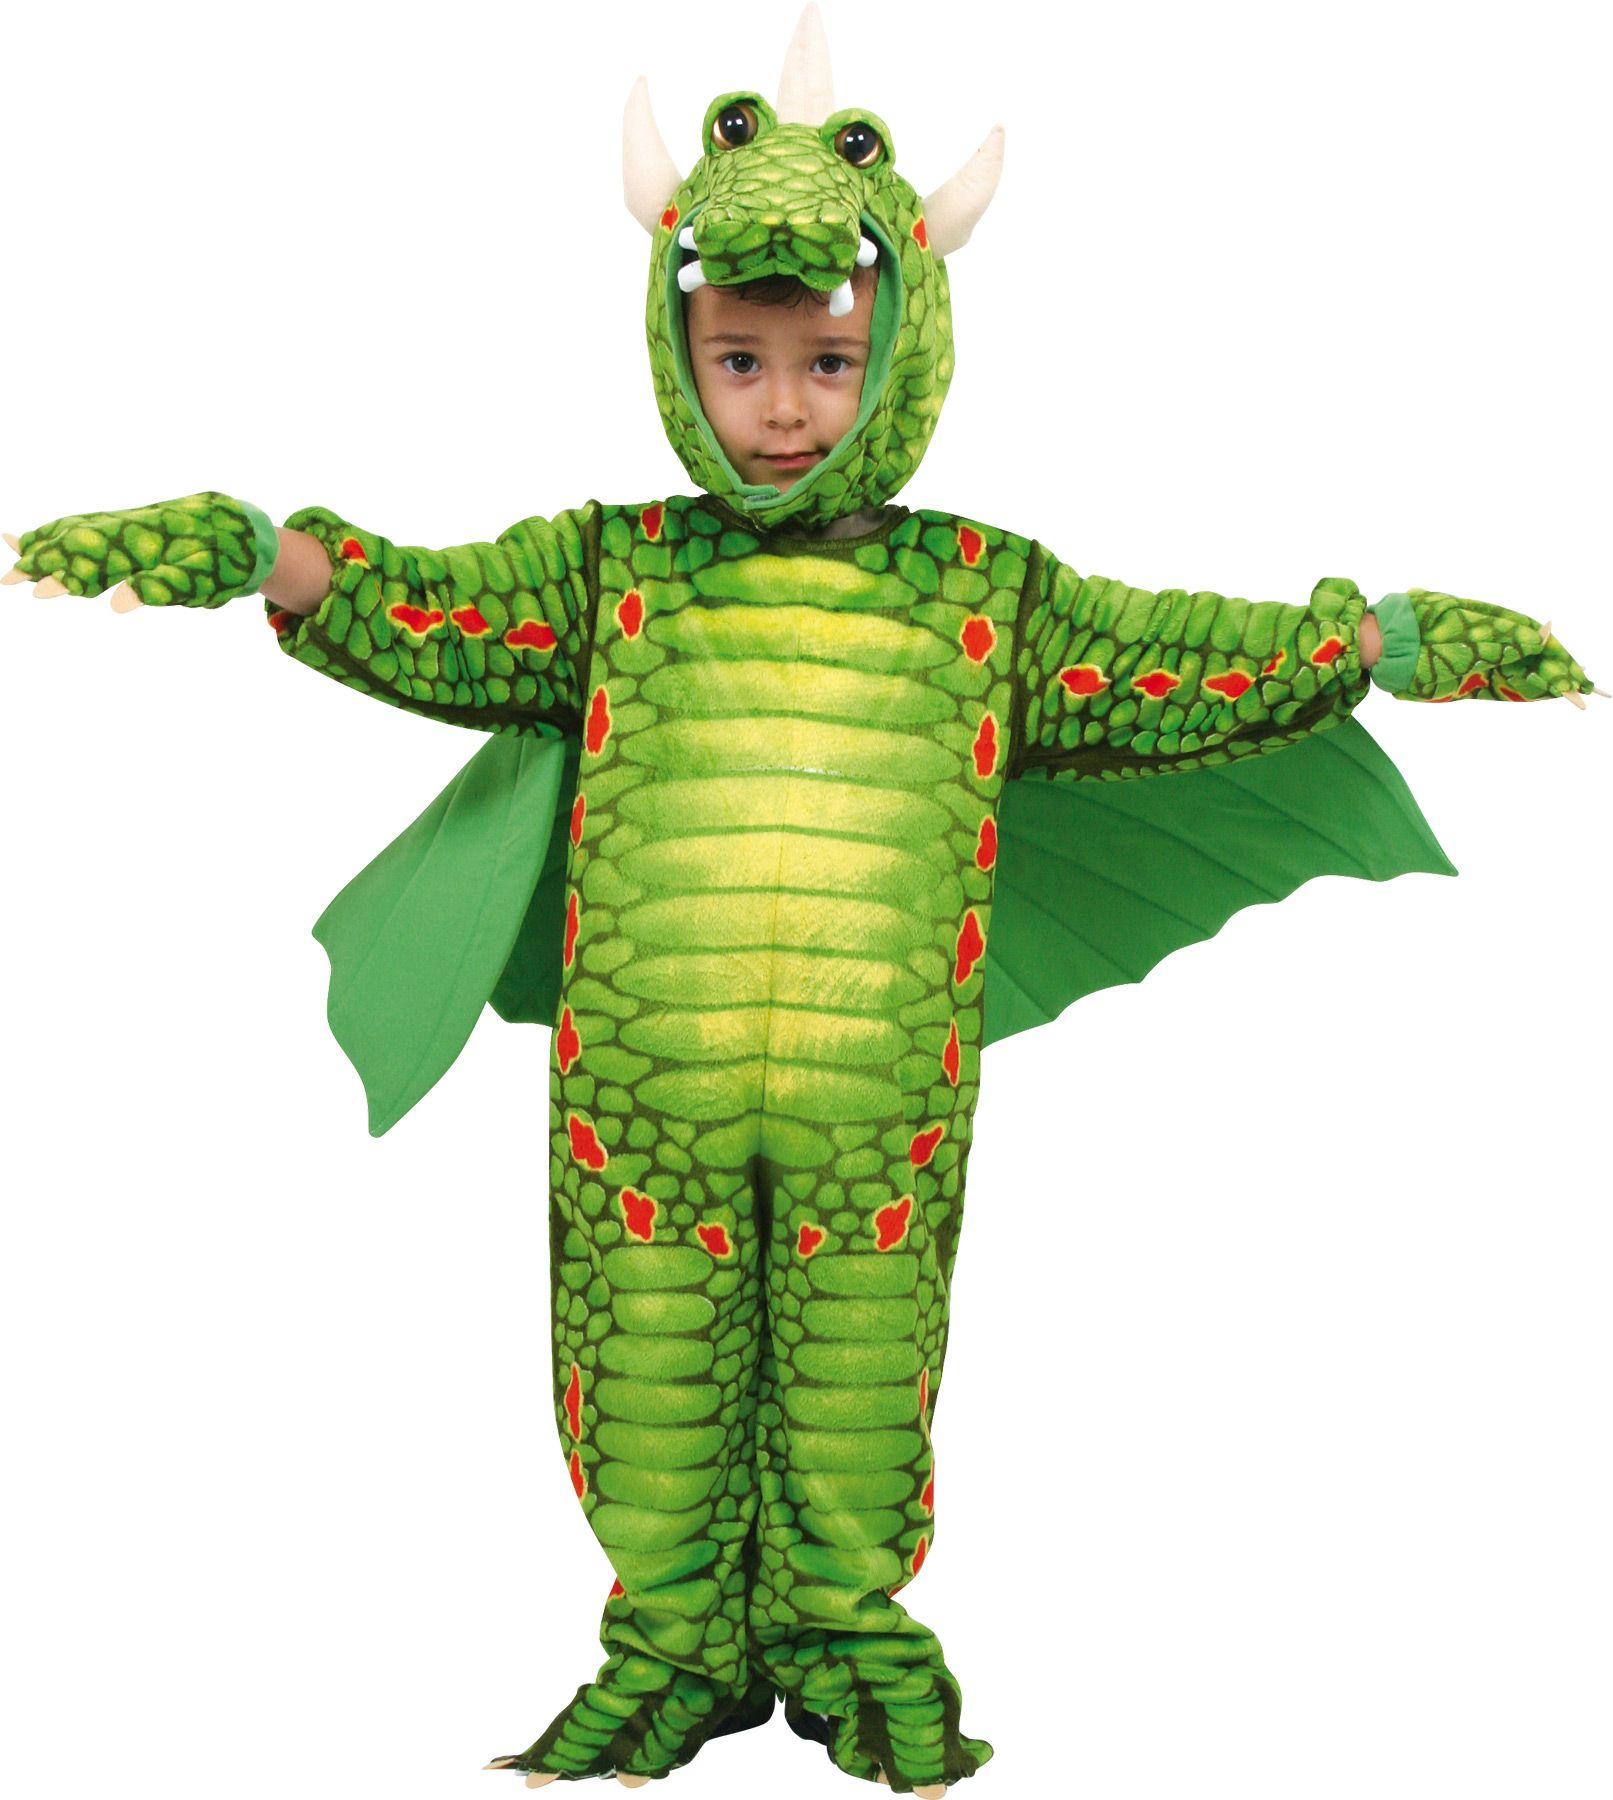 kostüm drachen faschingskostüm für kinder ab 2 jahren | 5636 / ean